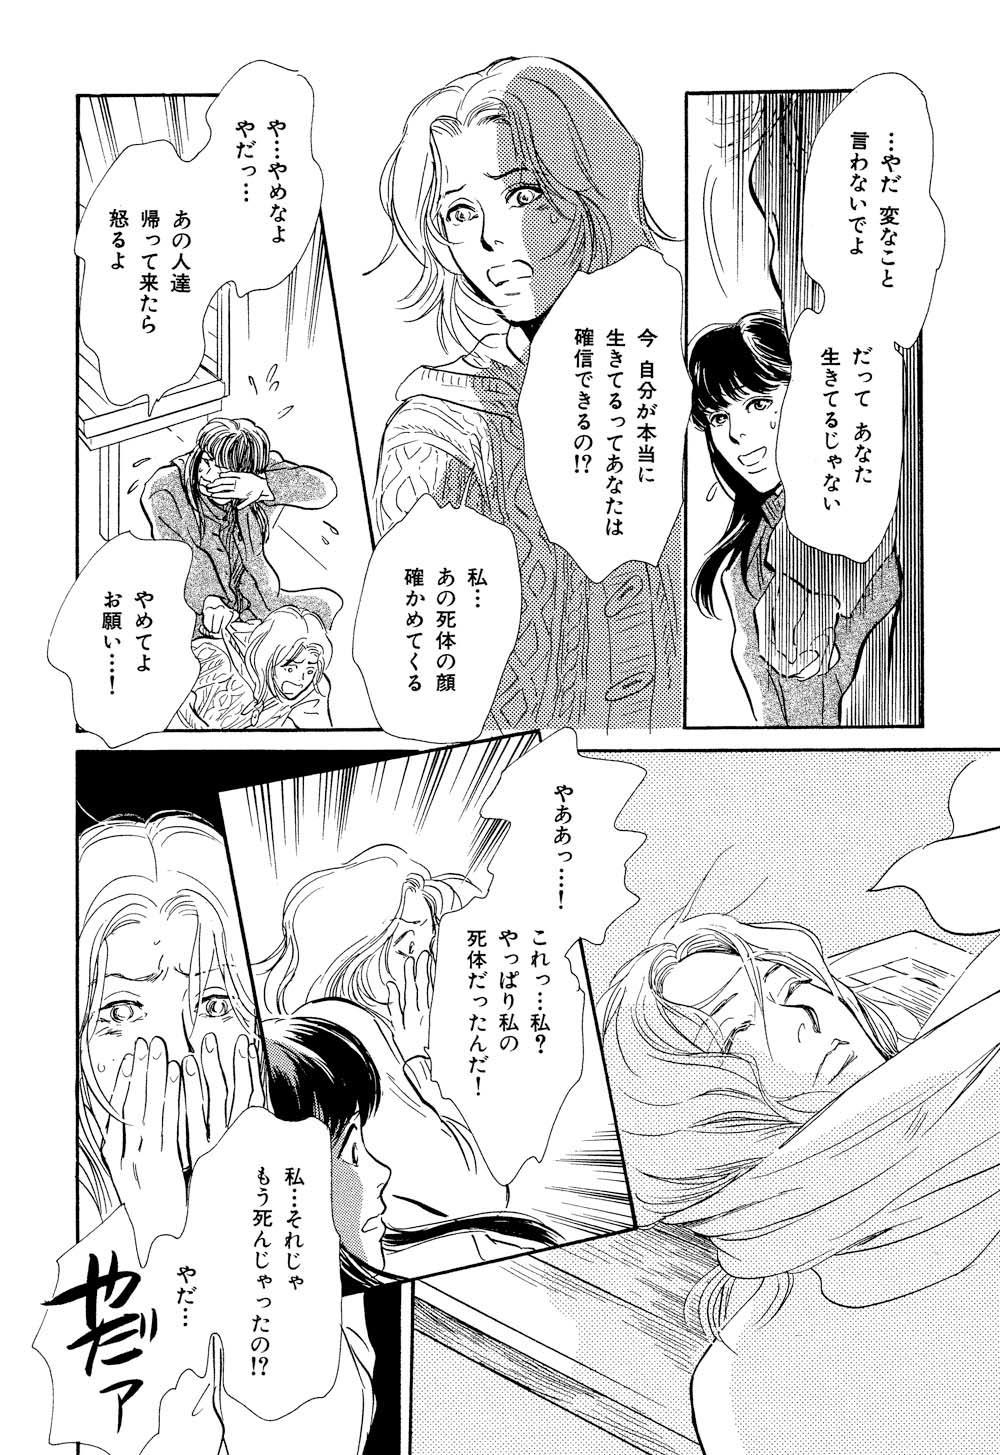 百鬼夜行抄_07_0084.jpg